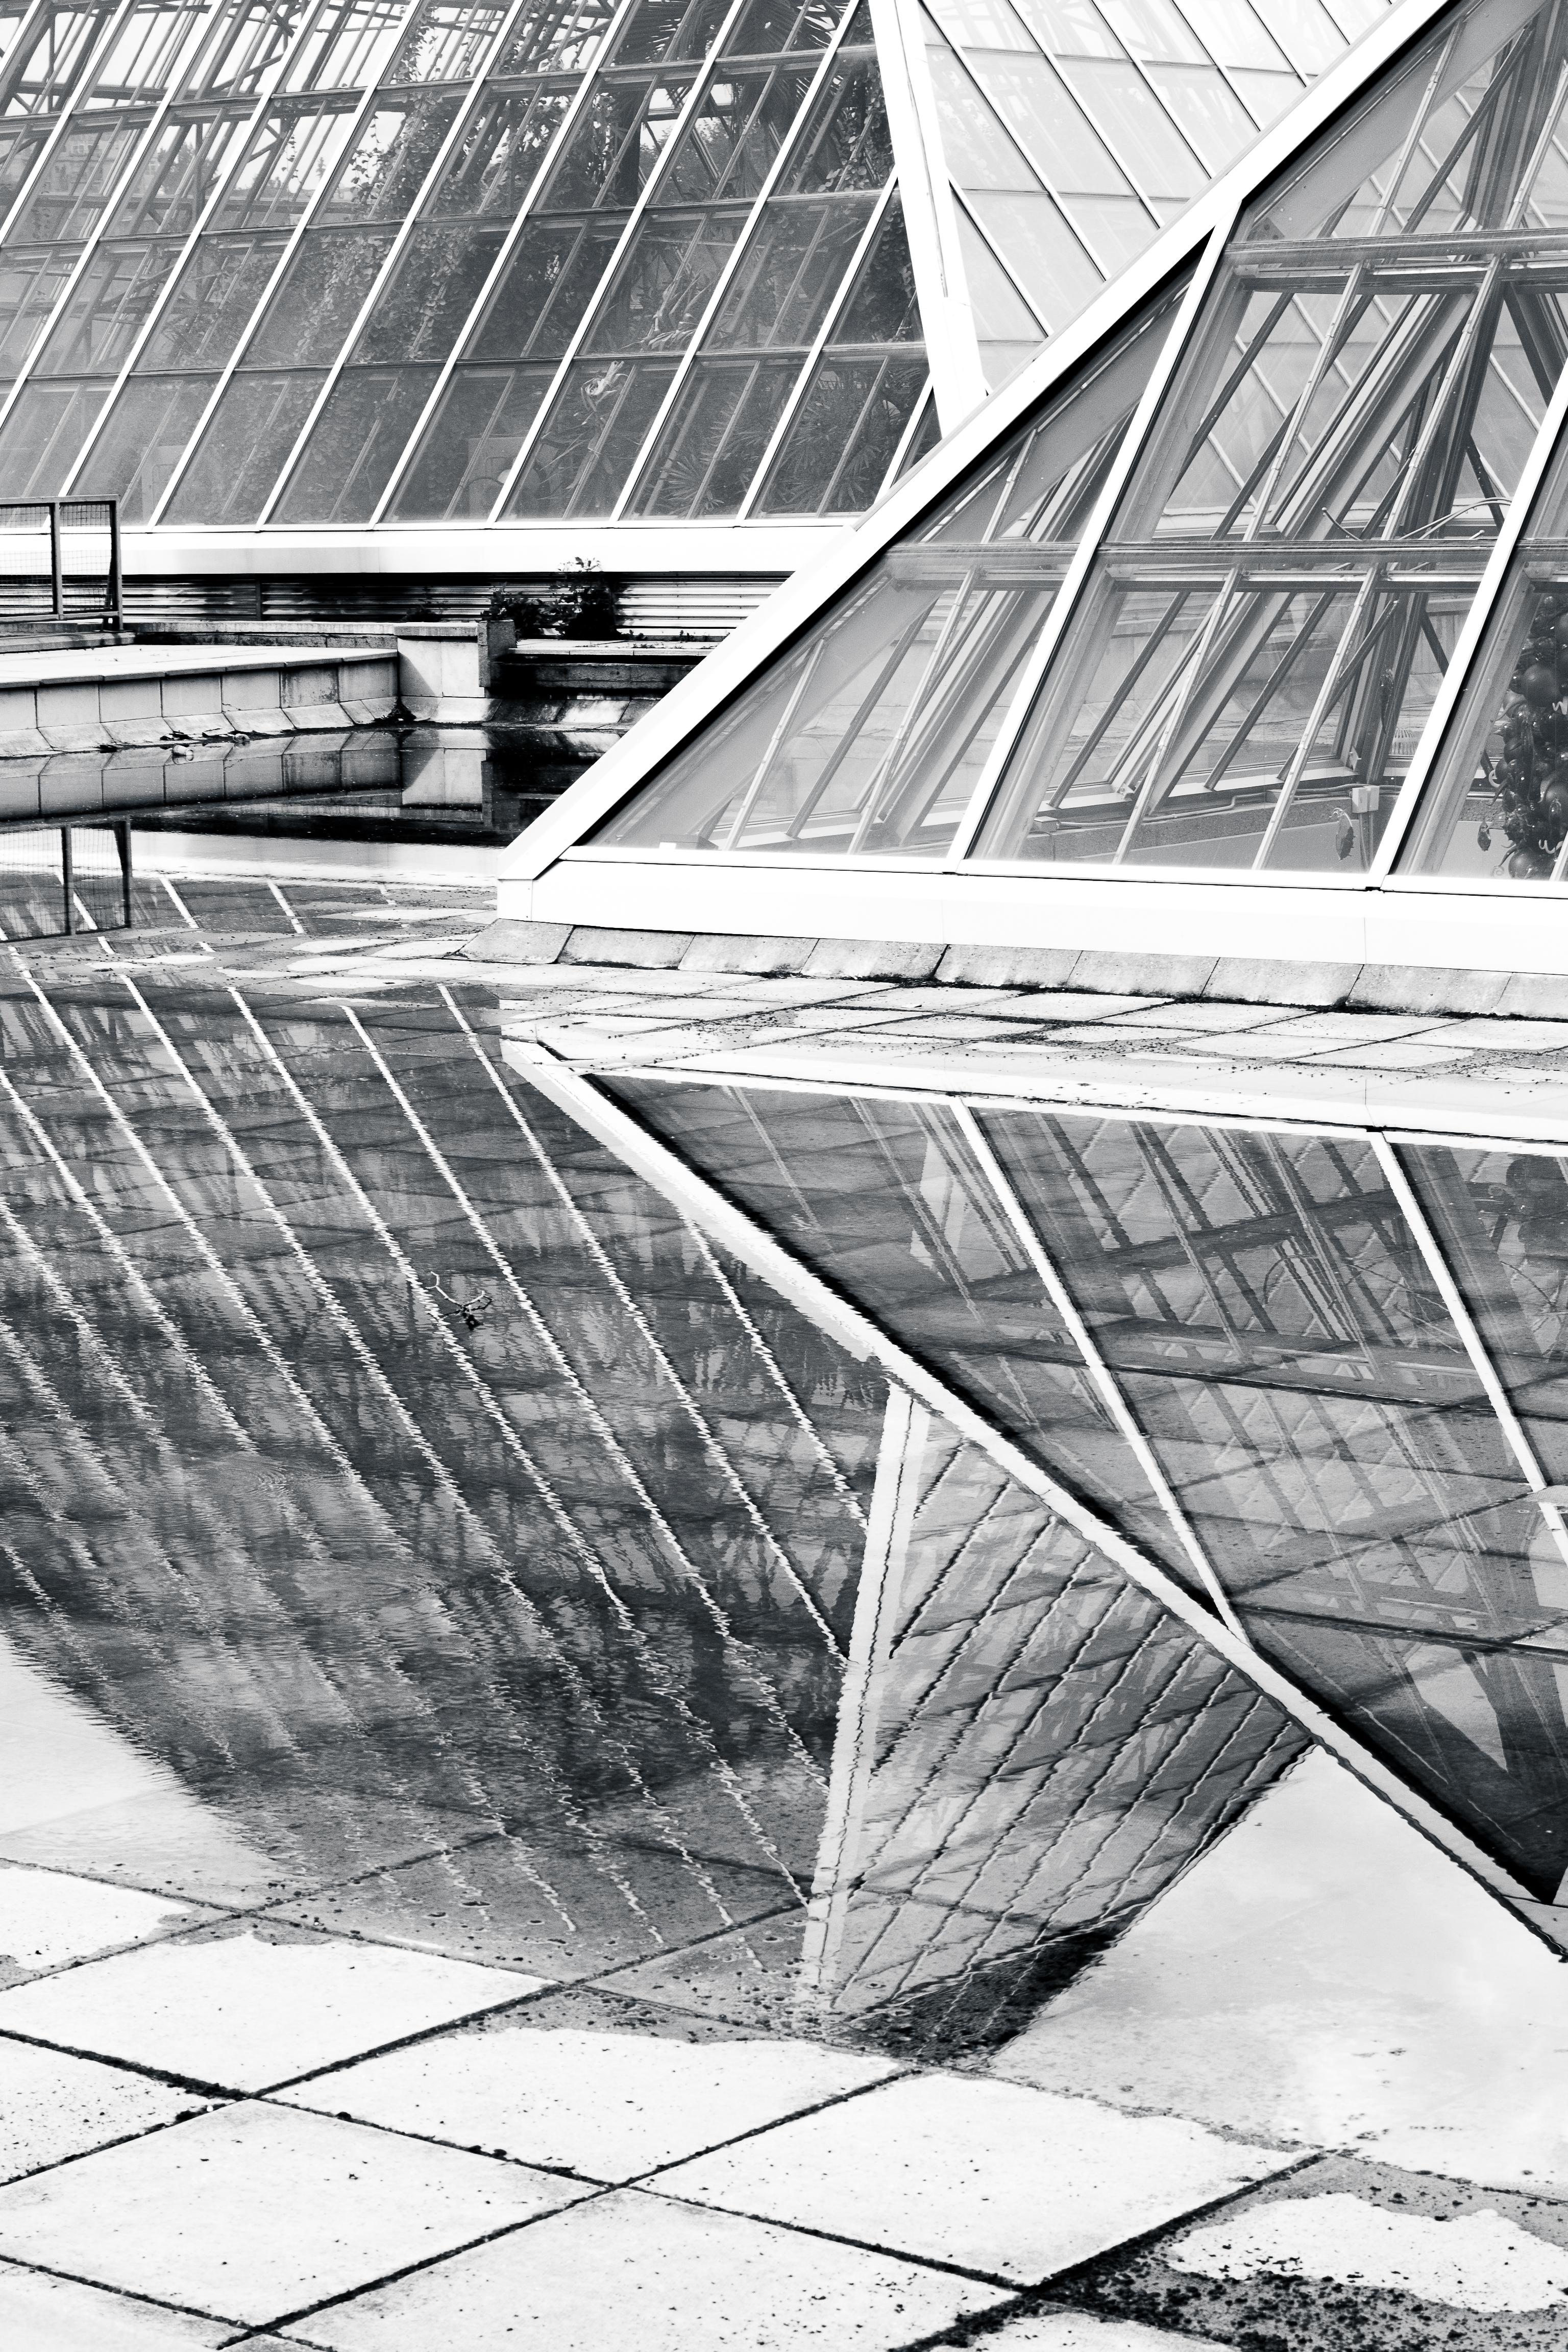 Reflective, Karenia Niedzwiecki